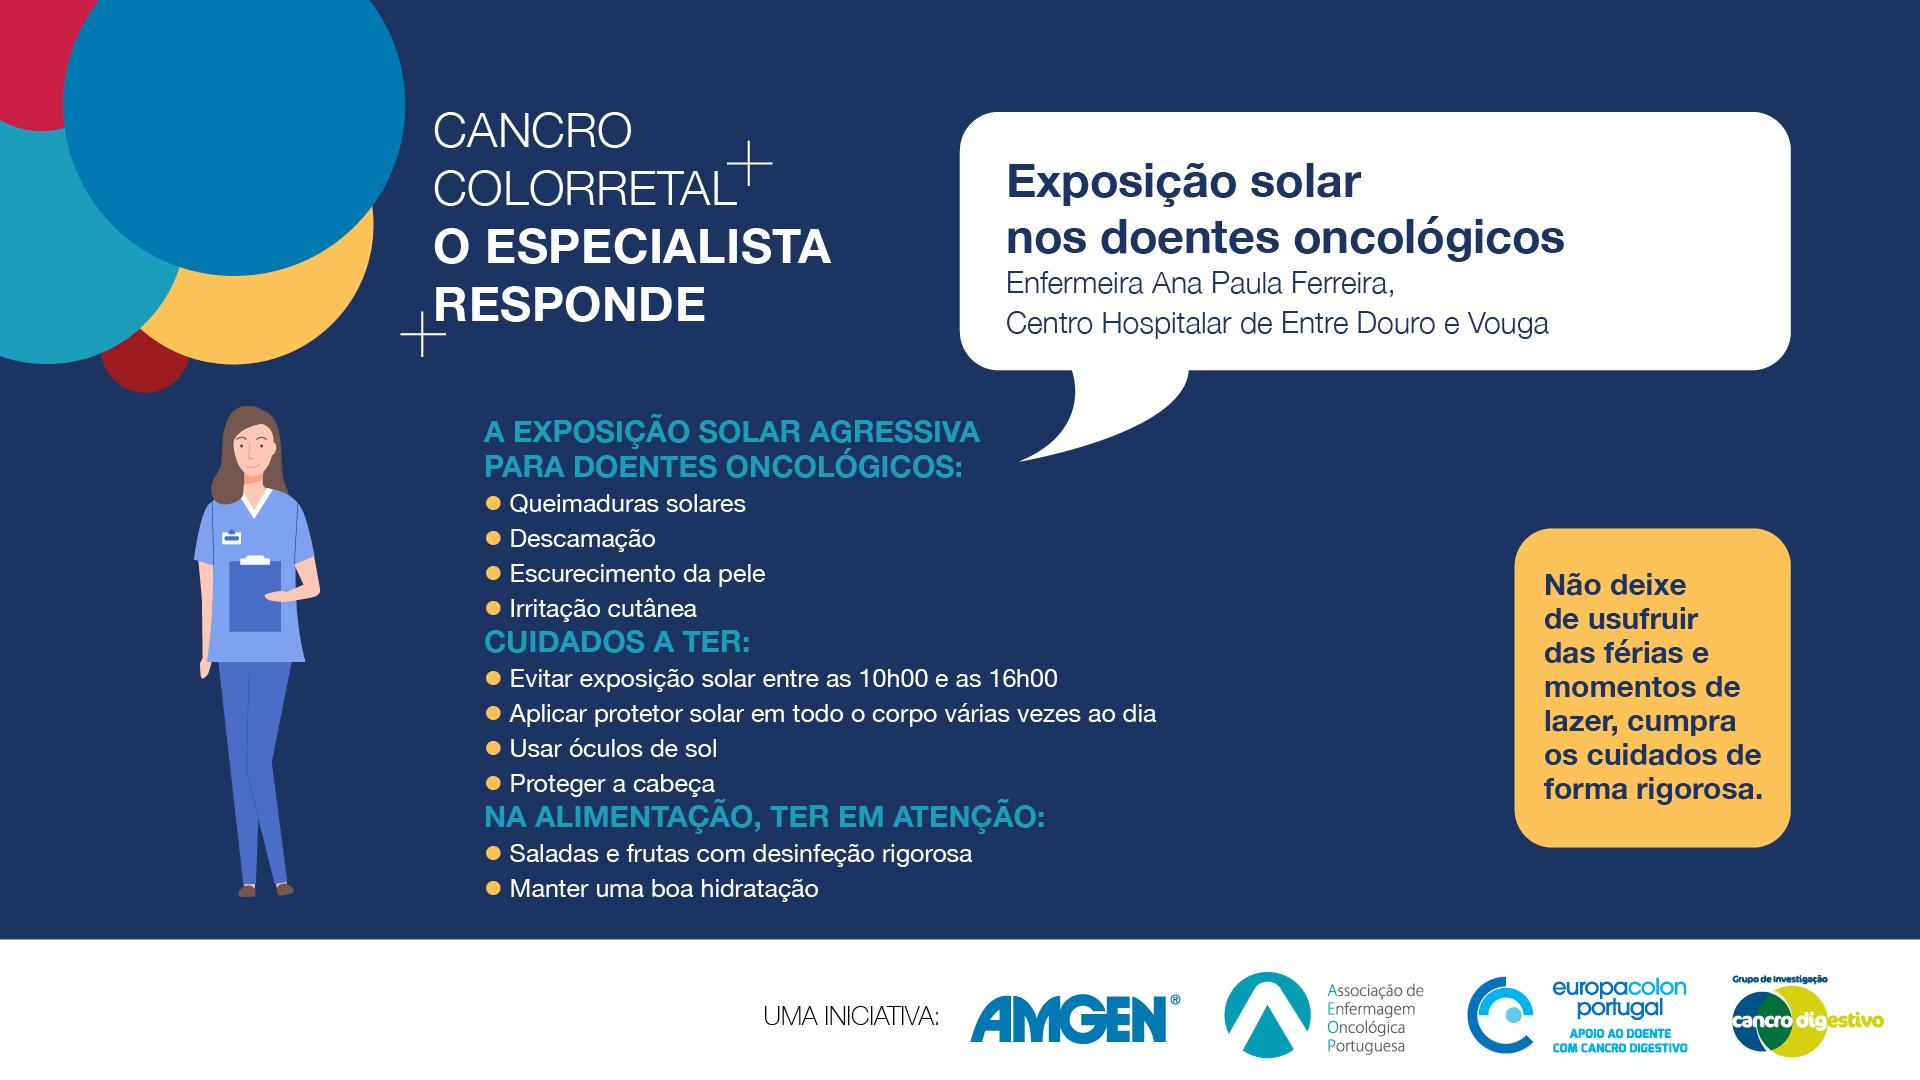 AMGEN cancro colorretal palavra de meüdico2